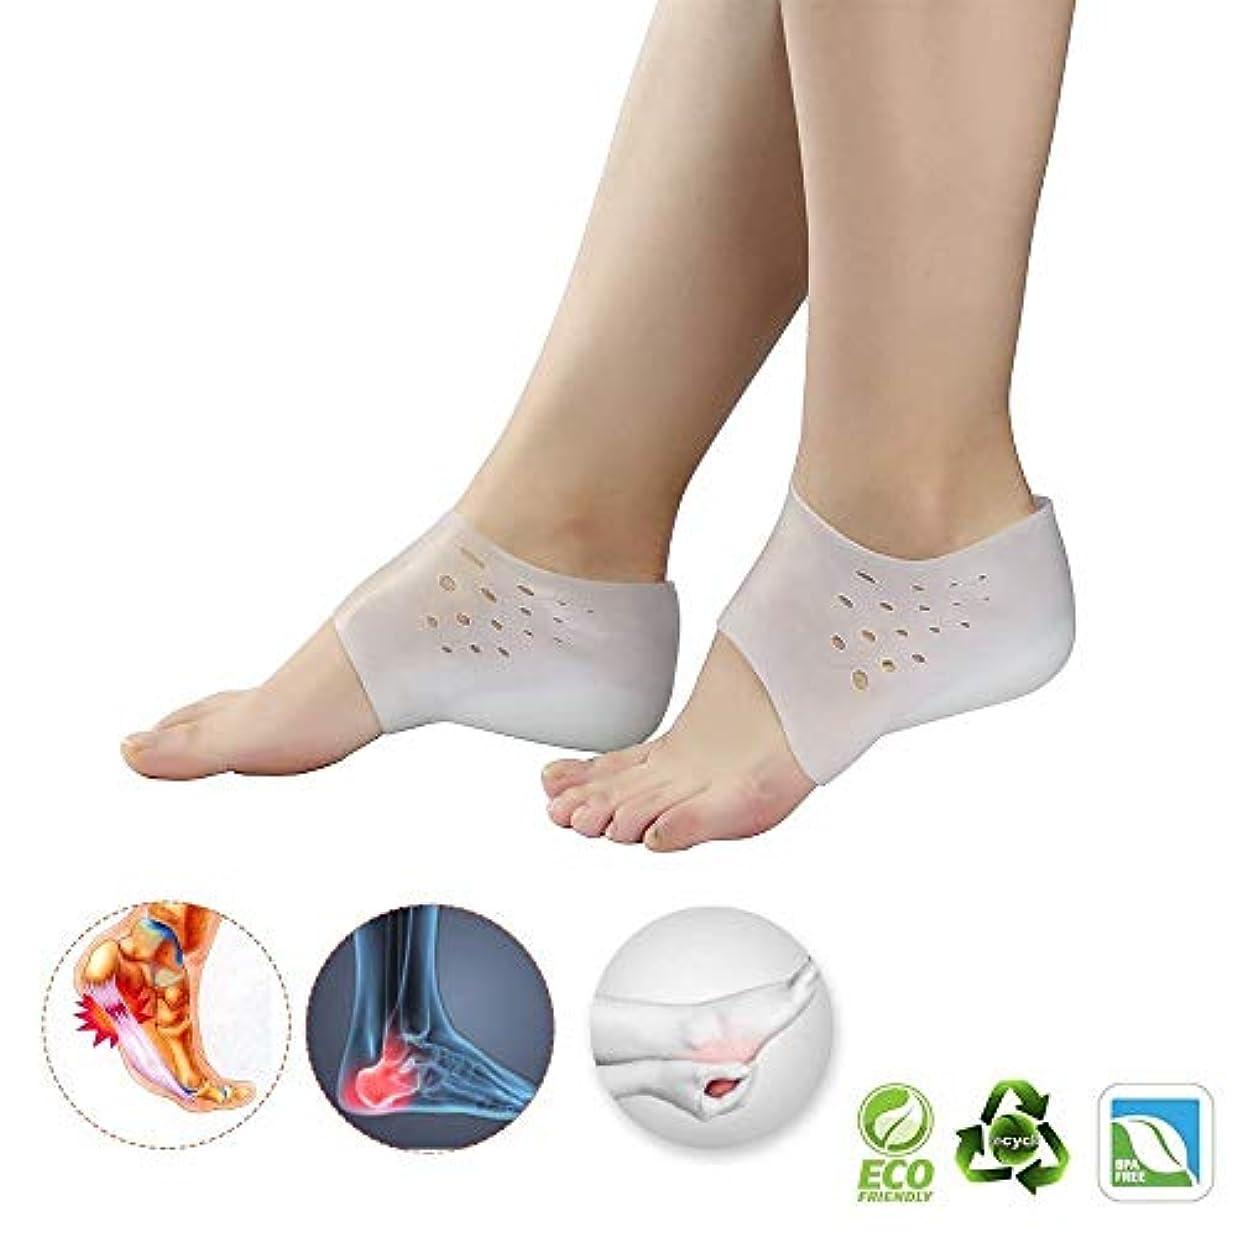 プーノあなたが良くなります億足底筋膜炎の高さ増加ヒールスリーブ、ヒールリフトゲル高さ増加インソール-シリコンヒールカップ-男性と女性のためのヒールクッションスリーブプロテクターMen-4.5 cm